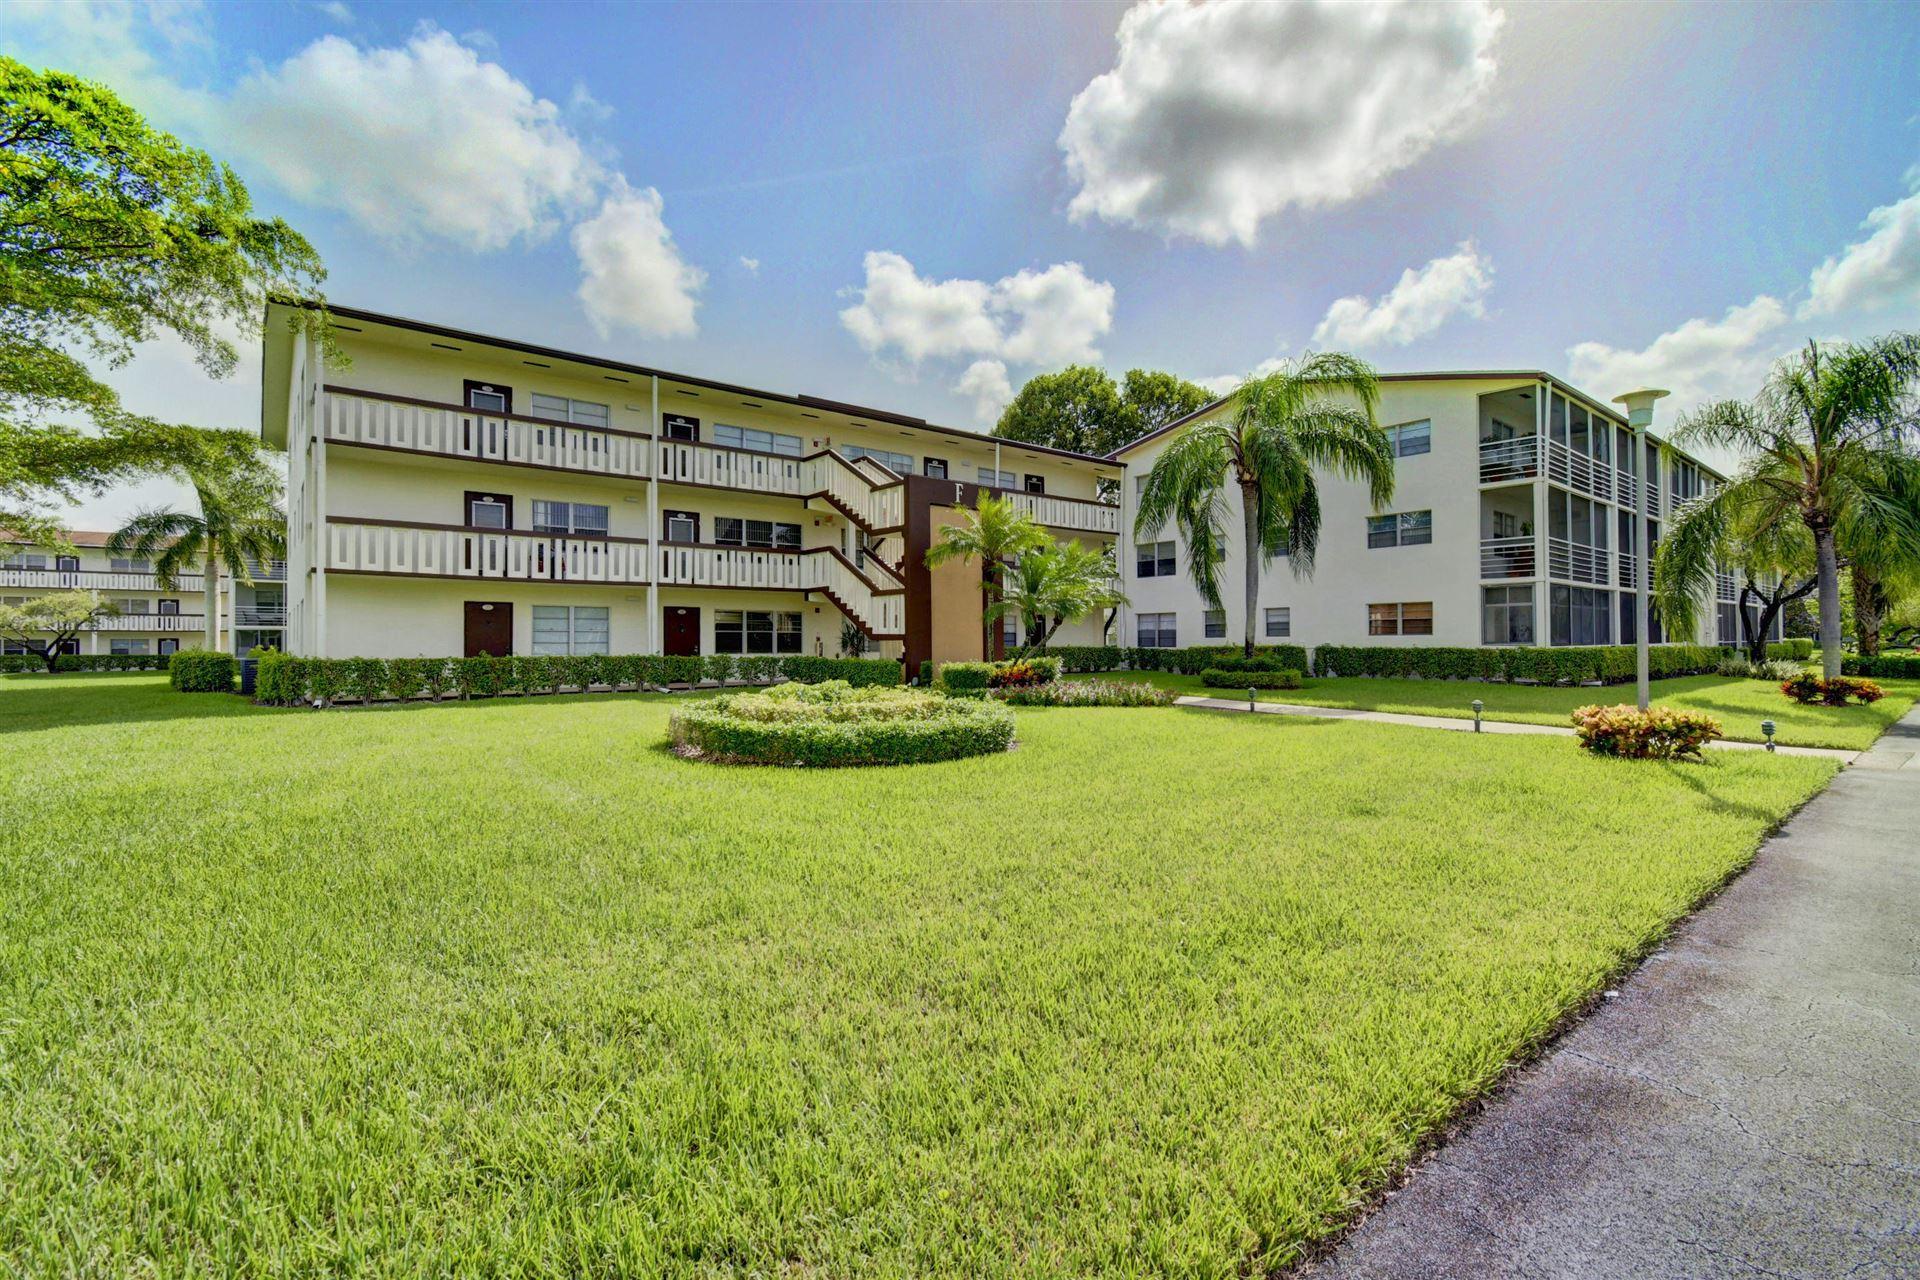 212 Suffolk F, Boca Raton, FL 33434 - #: RX-10652687